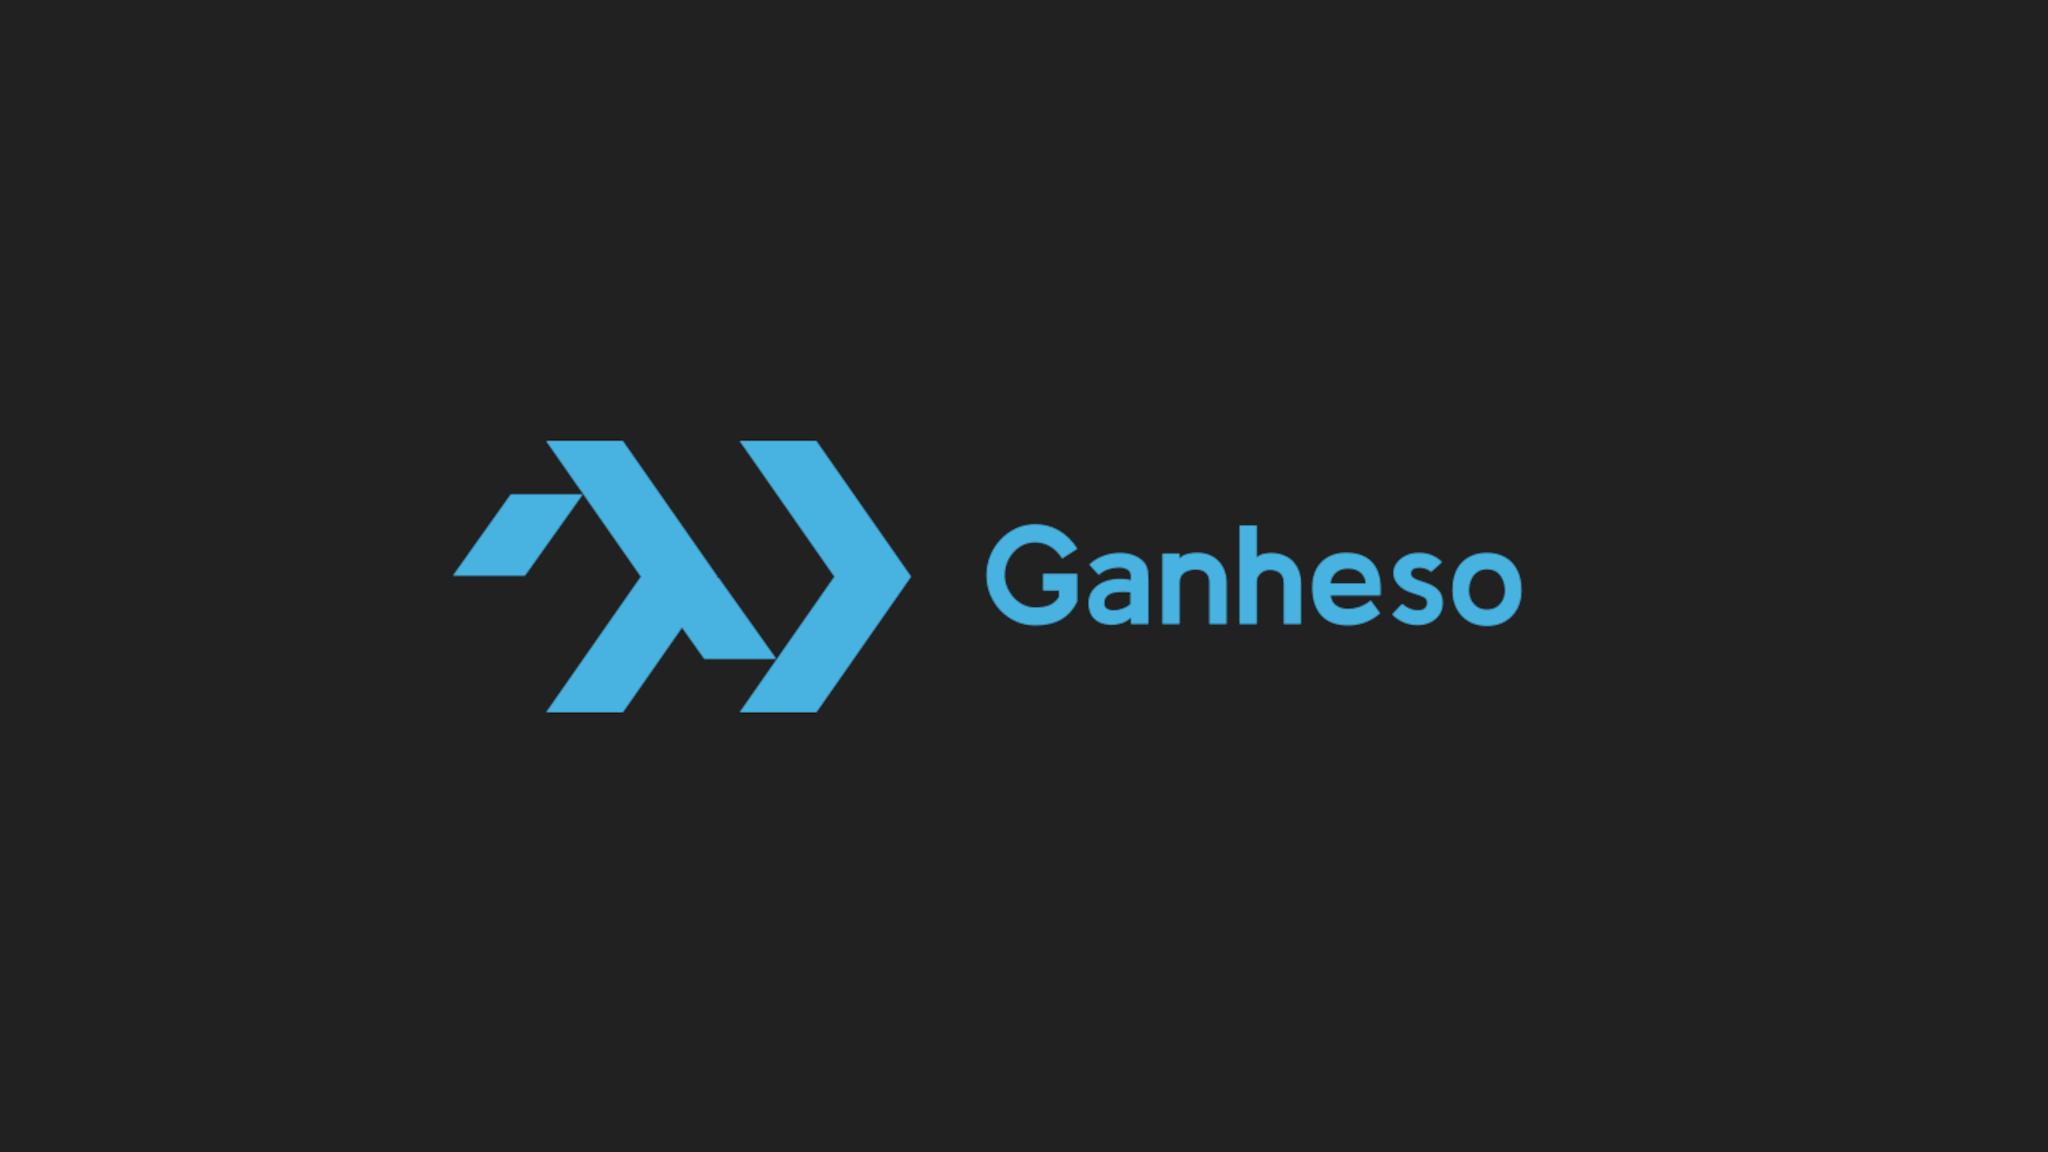 ganhesobot